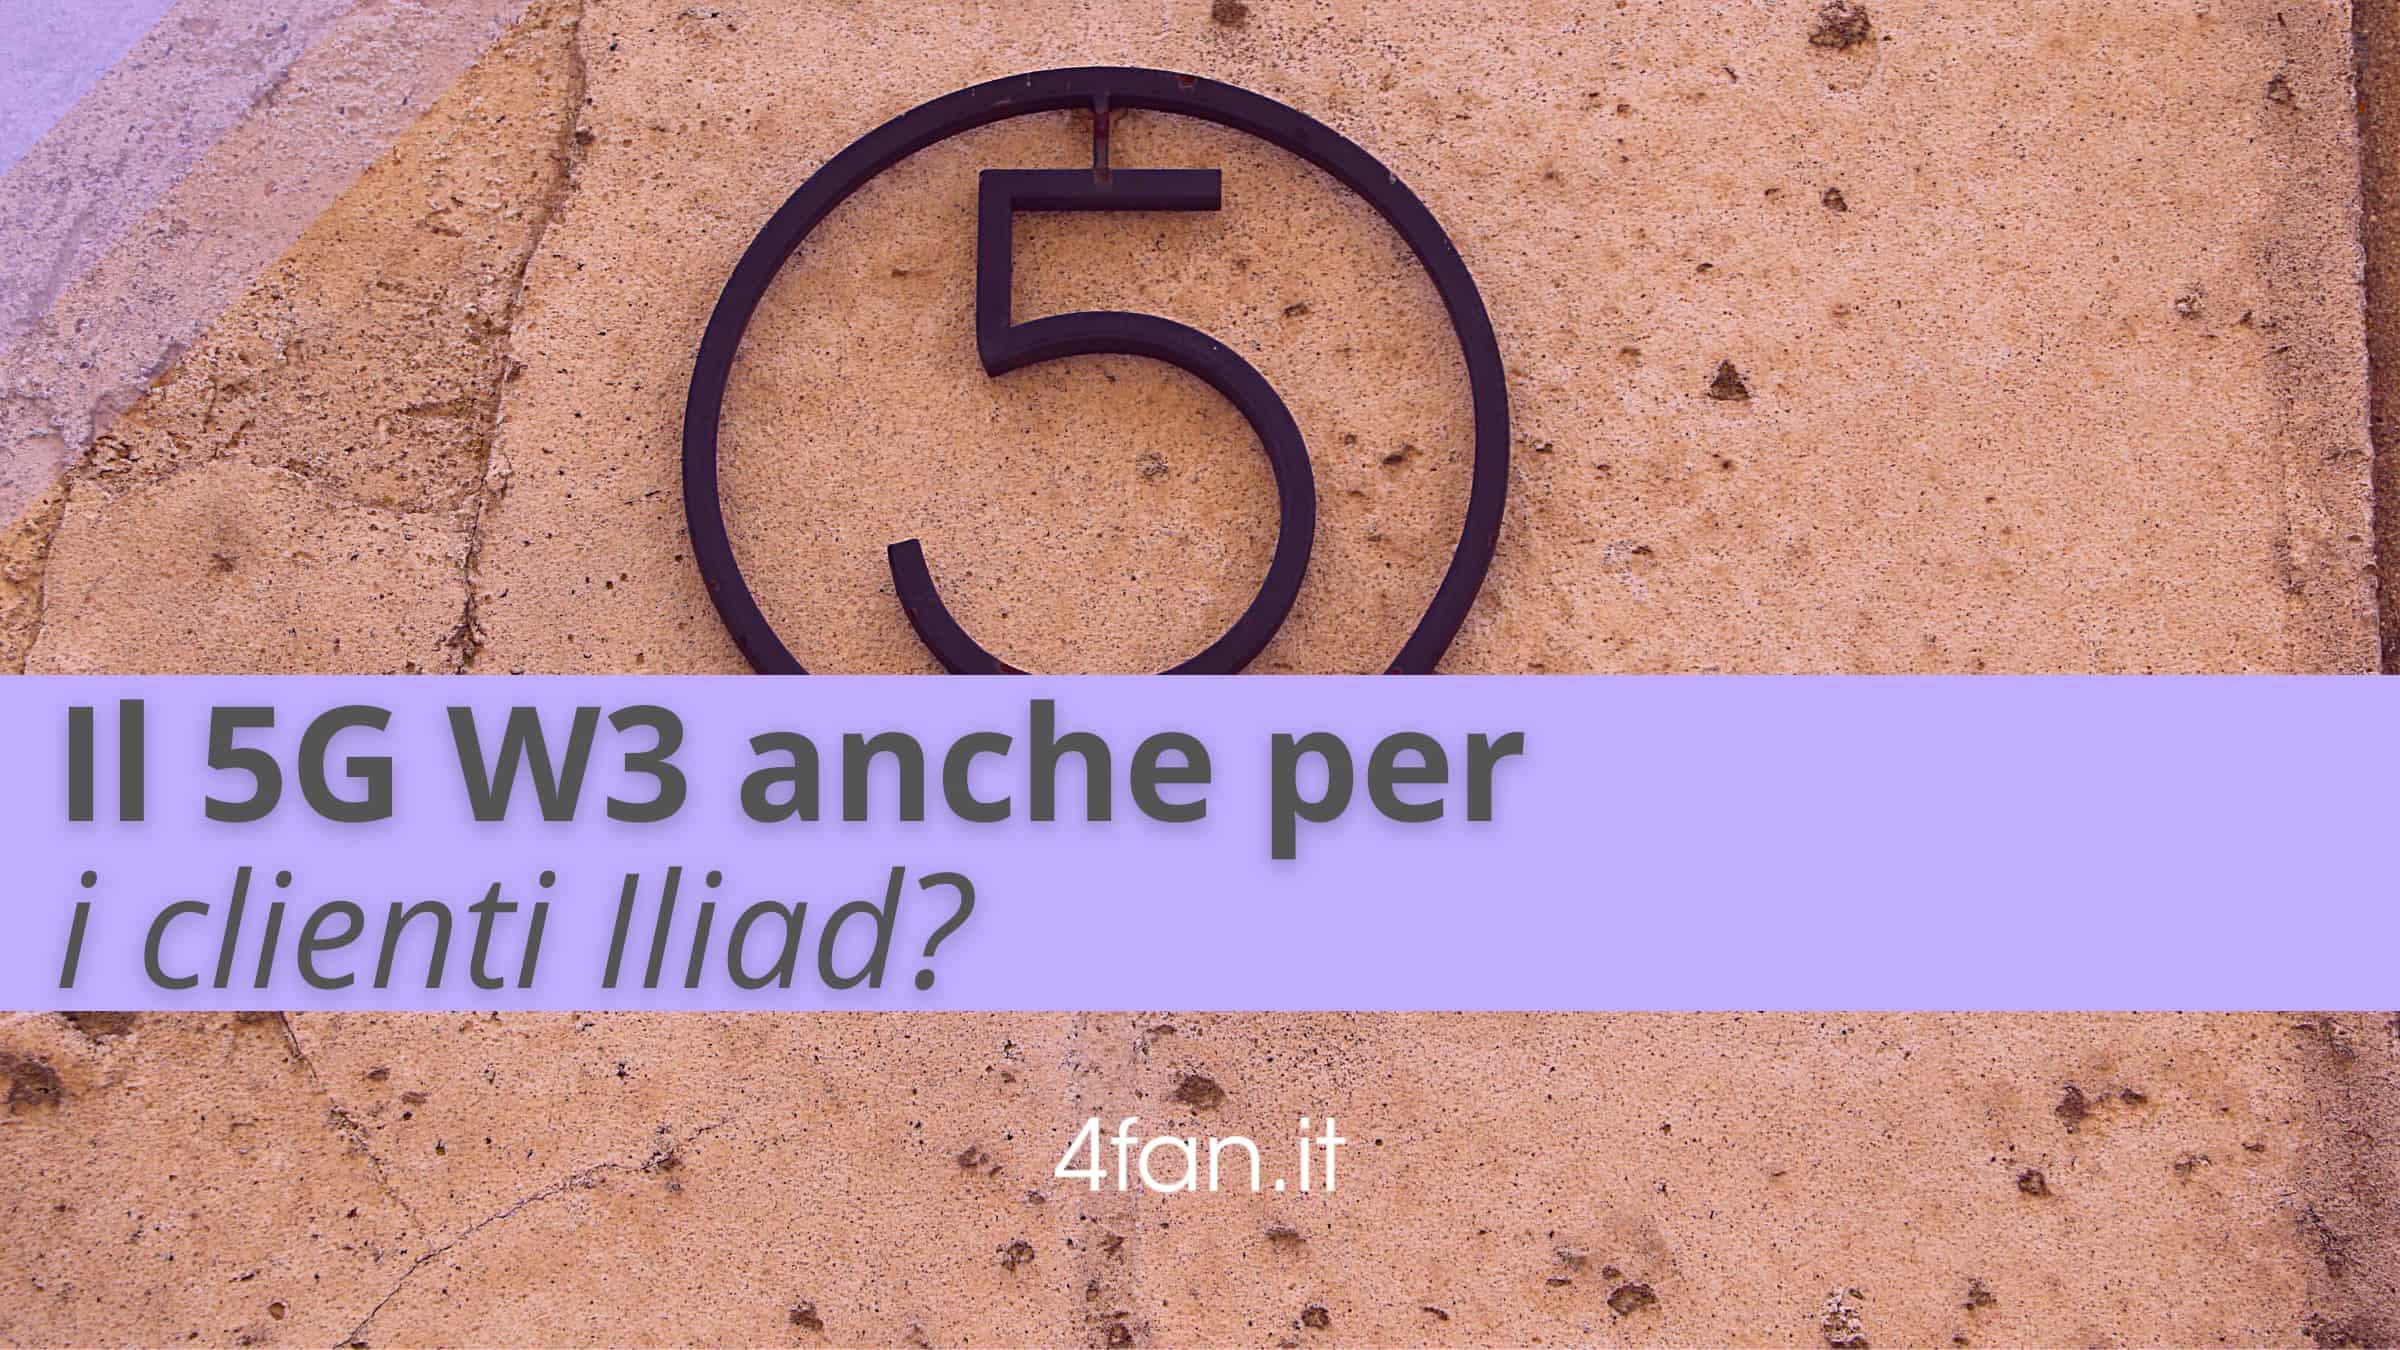 5g WindTre per clienti Iliad